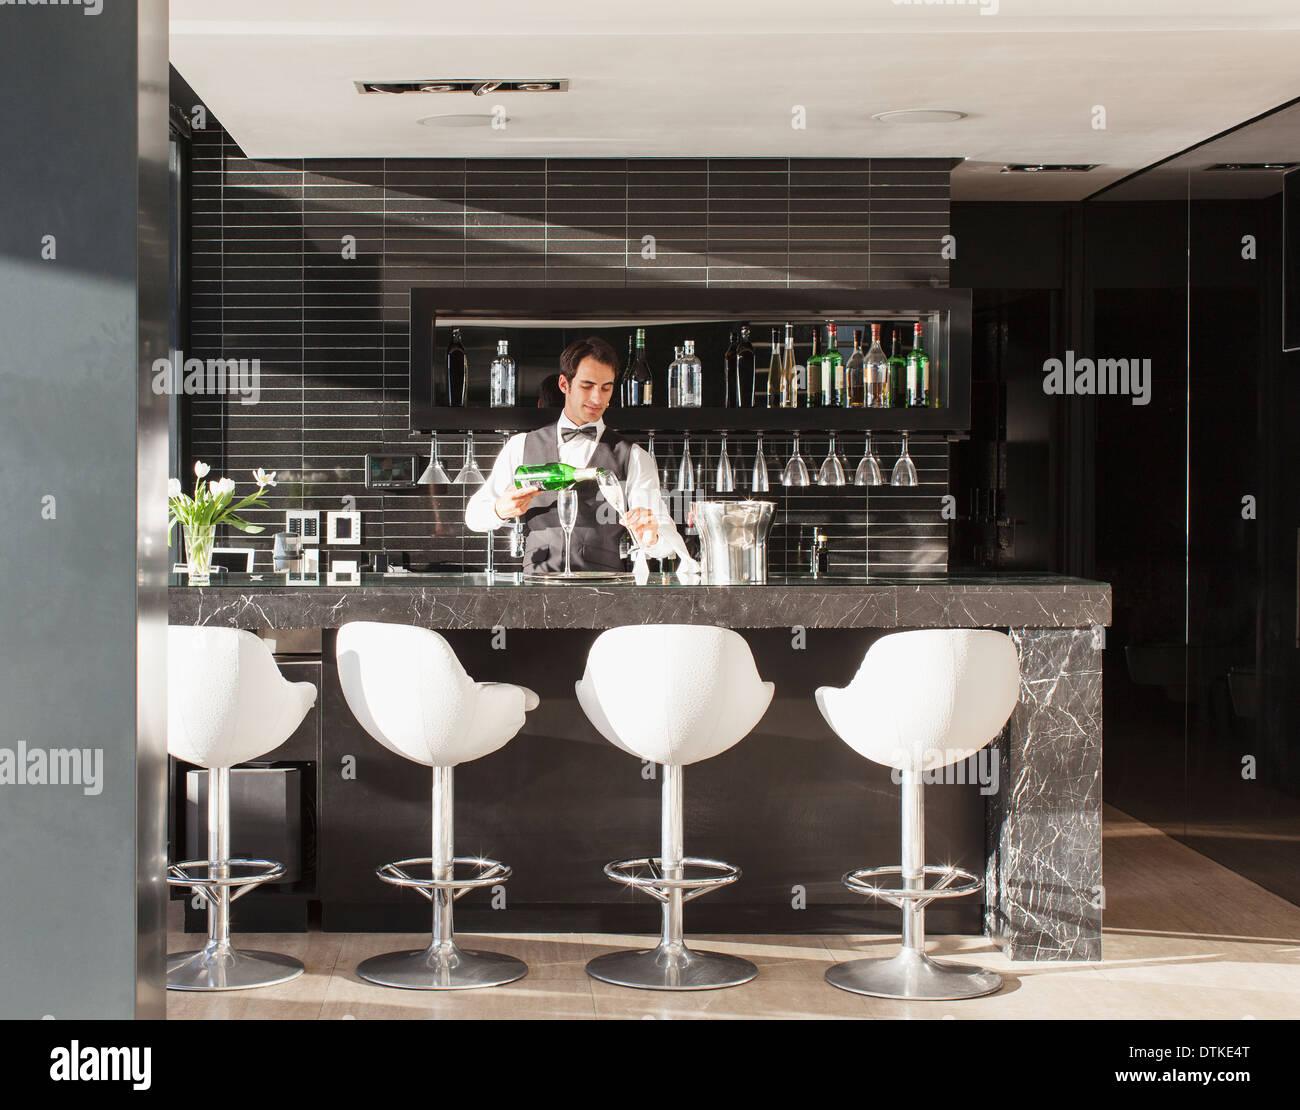 Kellner, die Zubereitung von Getränken in der Bar Stockbild